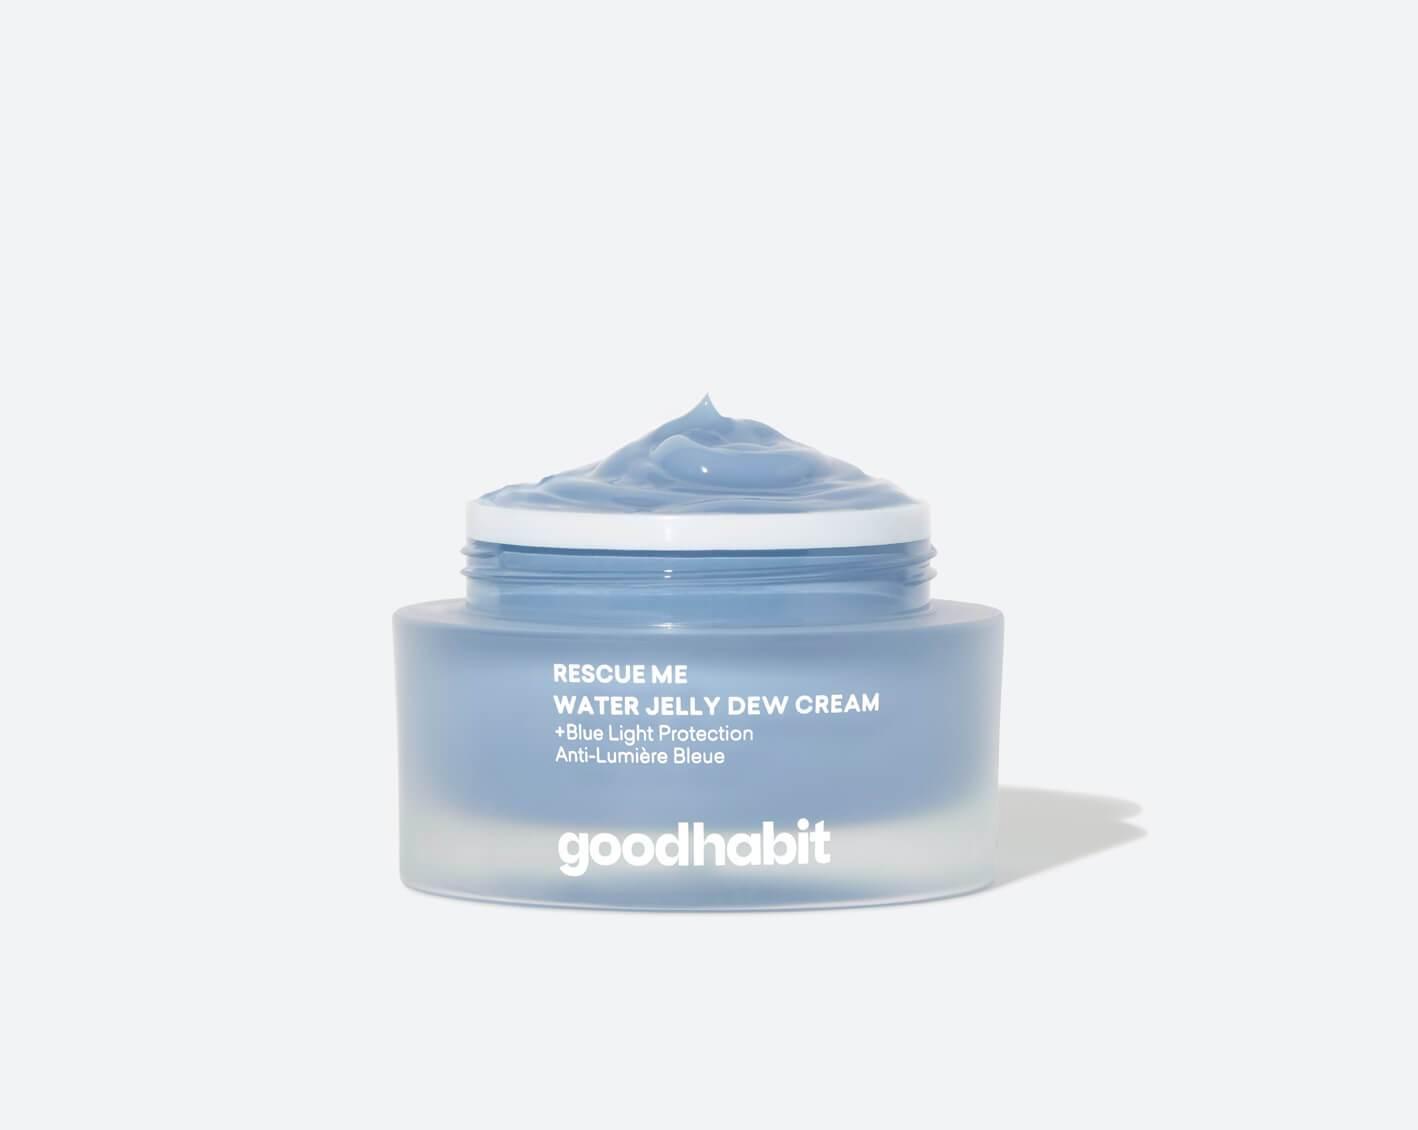 Goodhabit cream